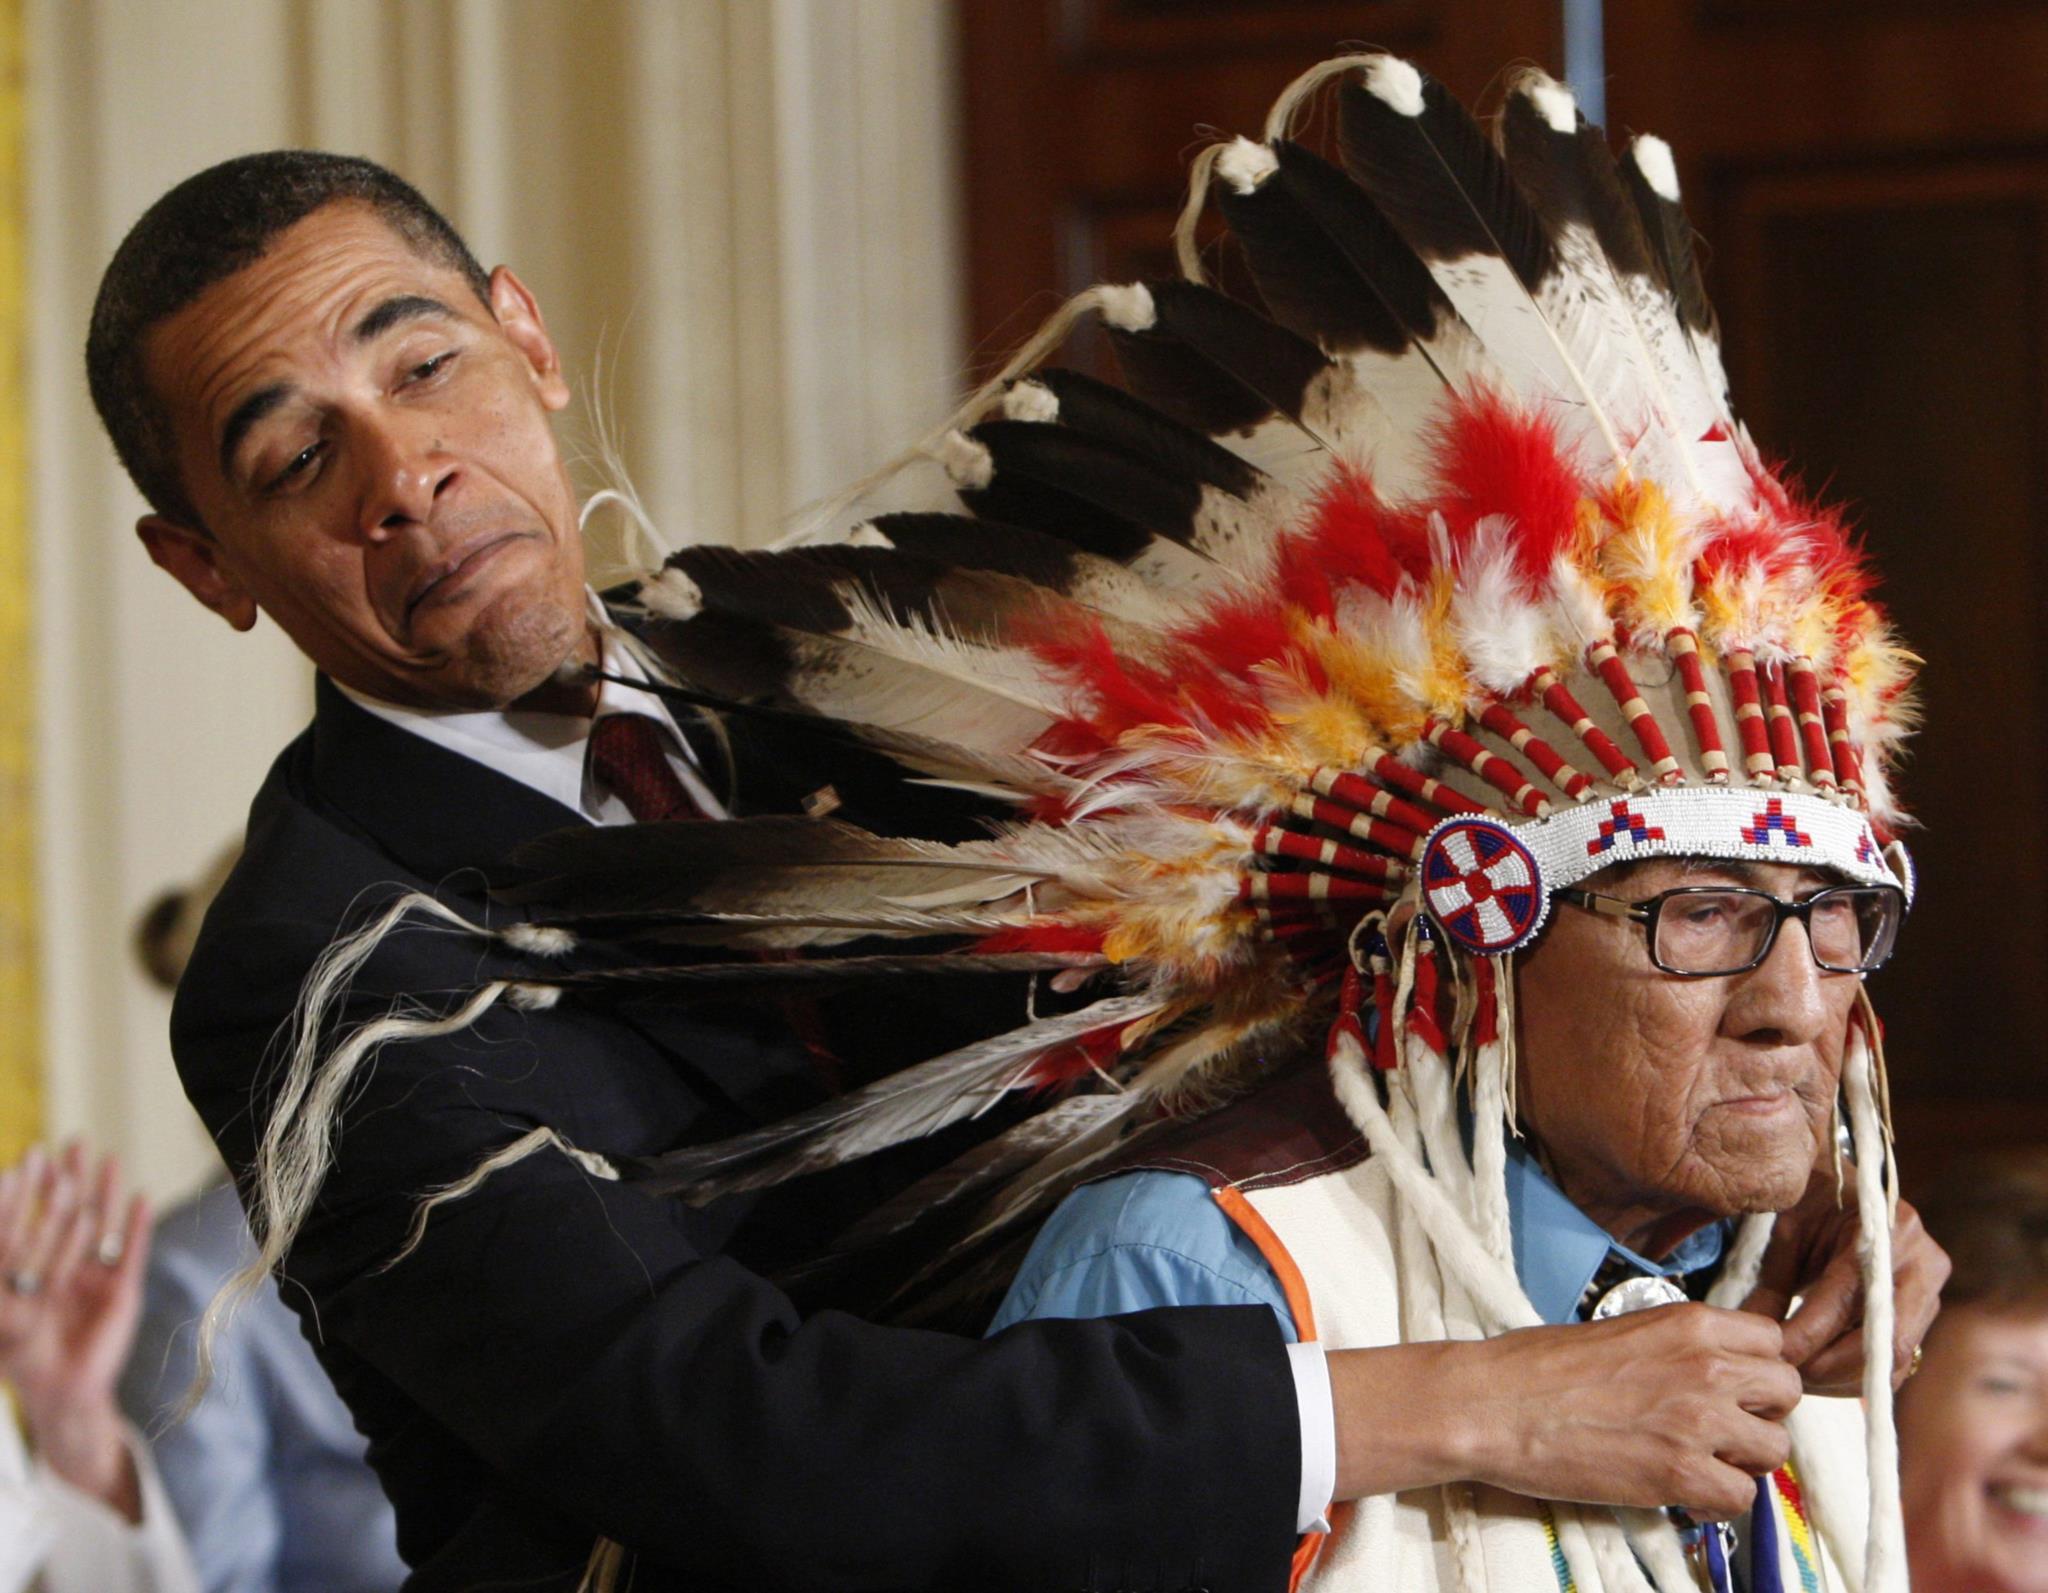 Um momento descontraído na altura em que Obama entrega a Medalha da Liberdade a Joe Medicine Crow, 2009